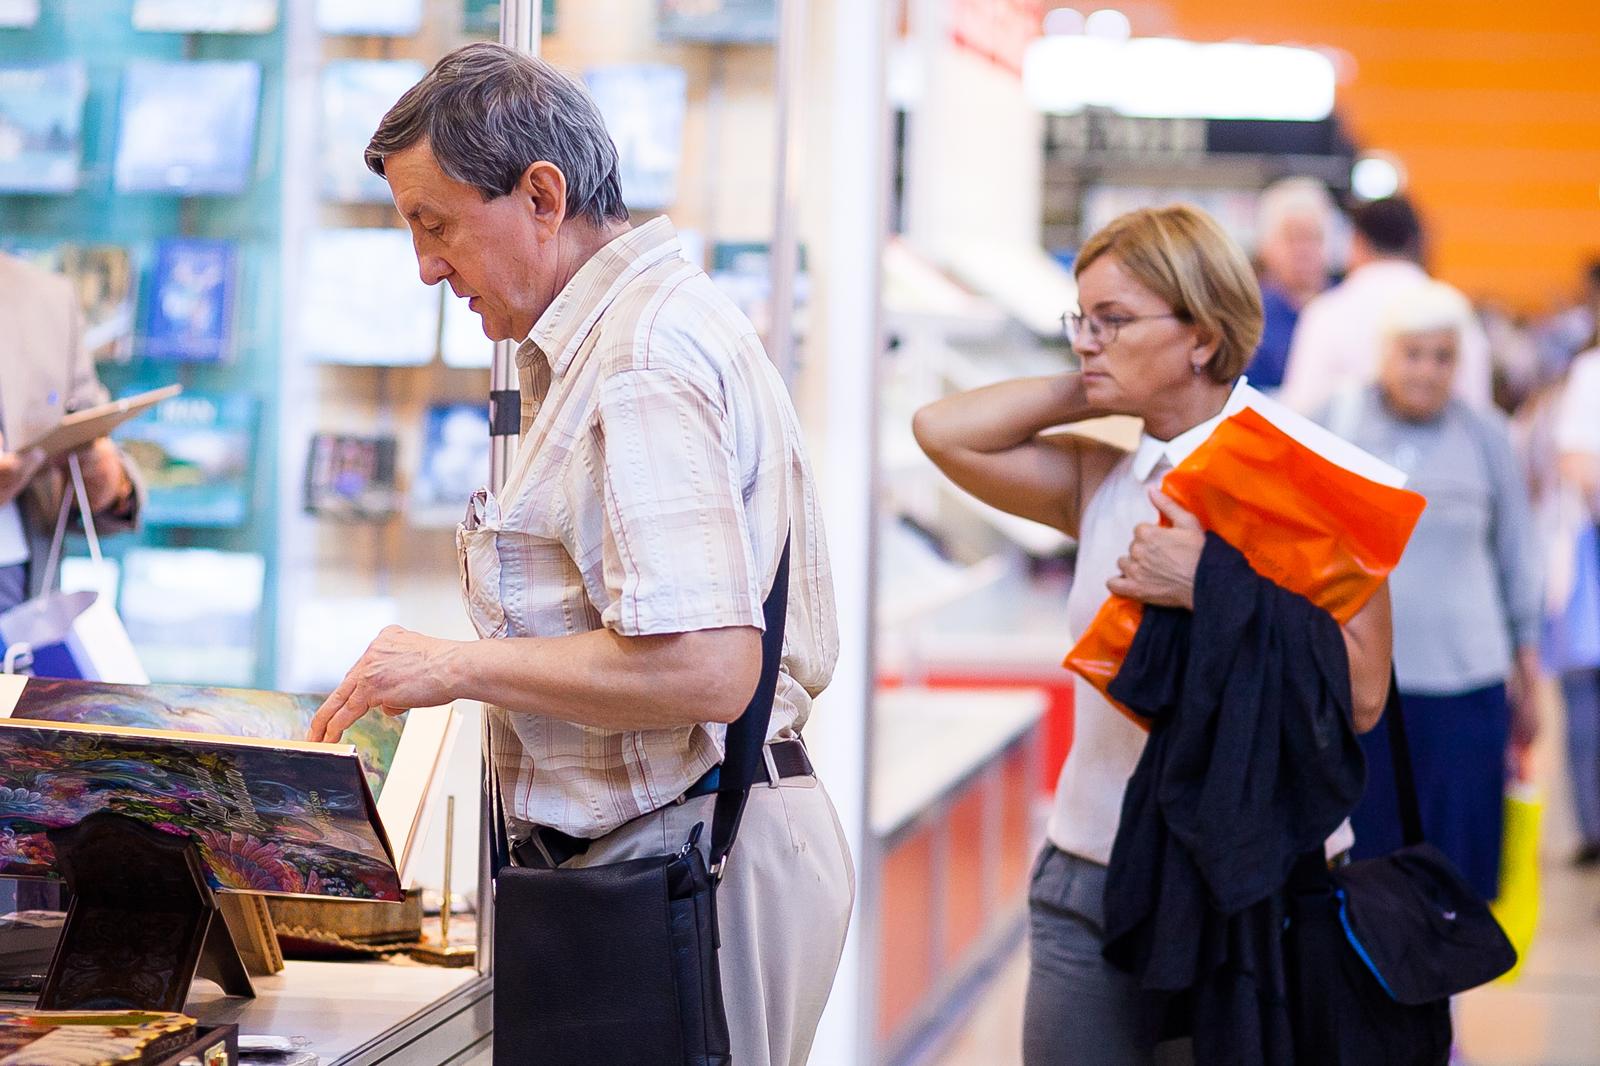 Московская международная книжная выставка-ярмарка / предоставлено пресс-службой ММКВЯ